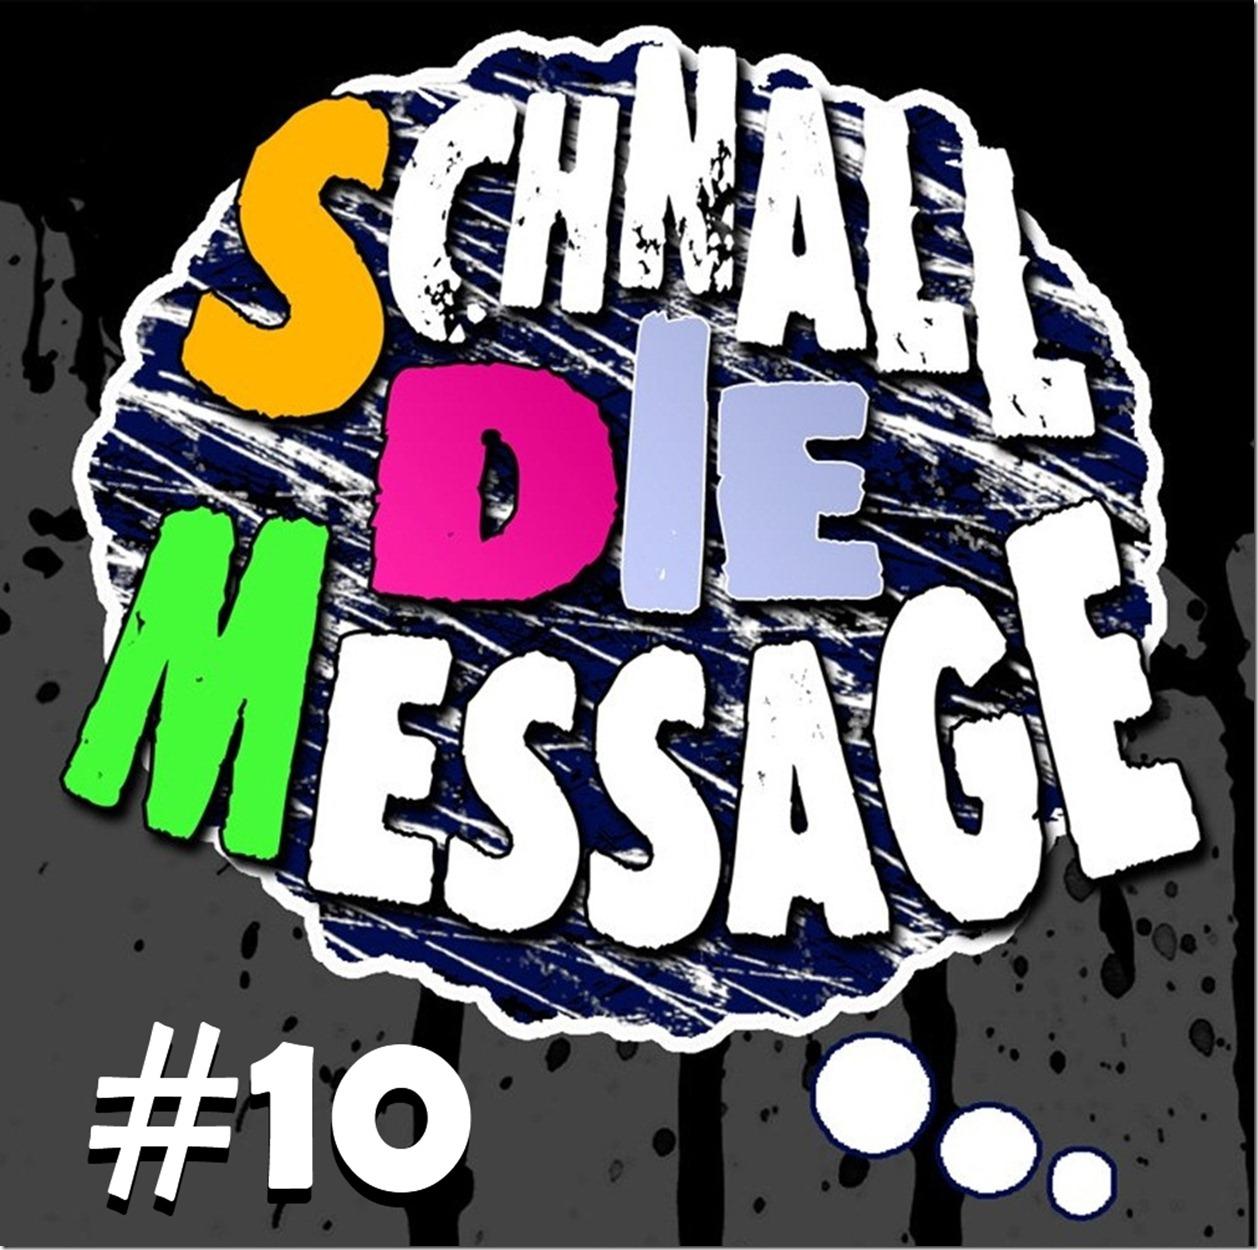 schnall-die-message-10-logo